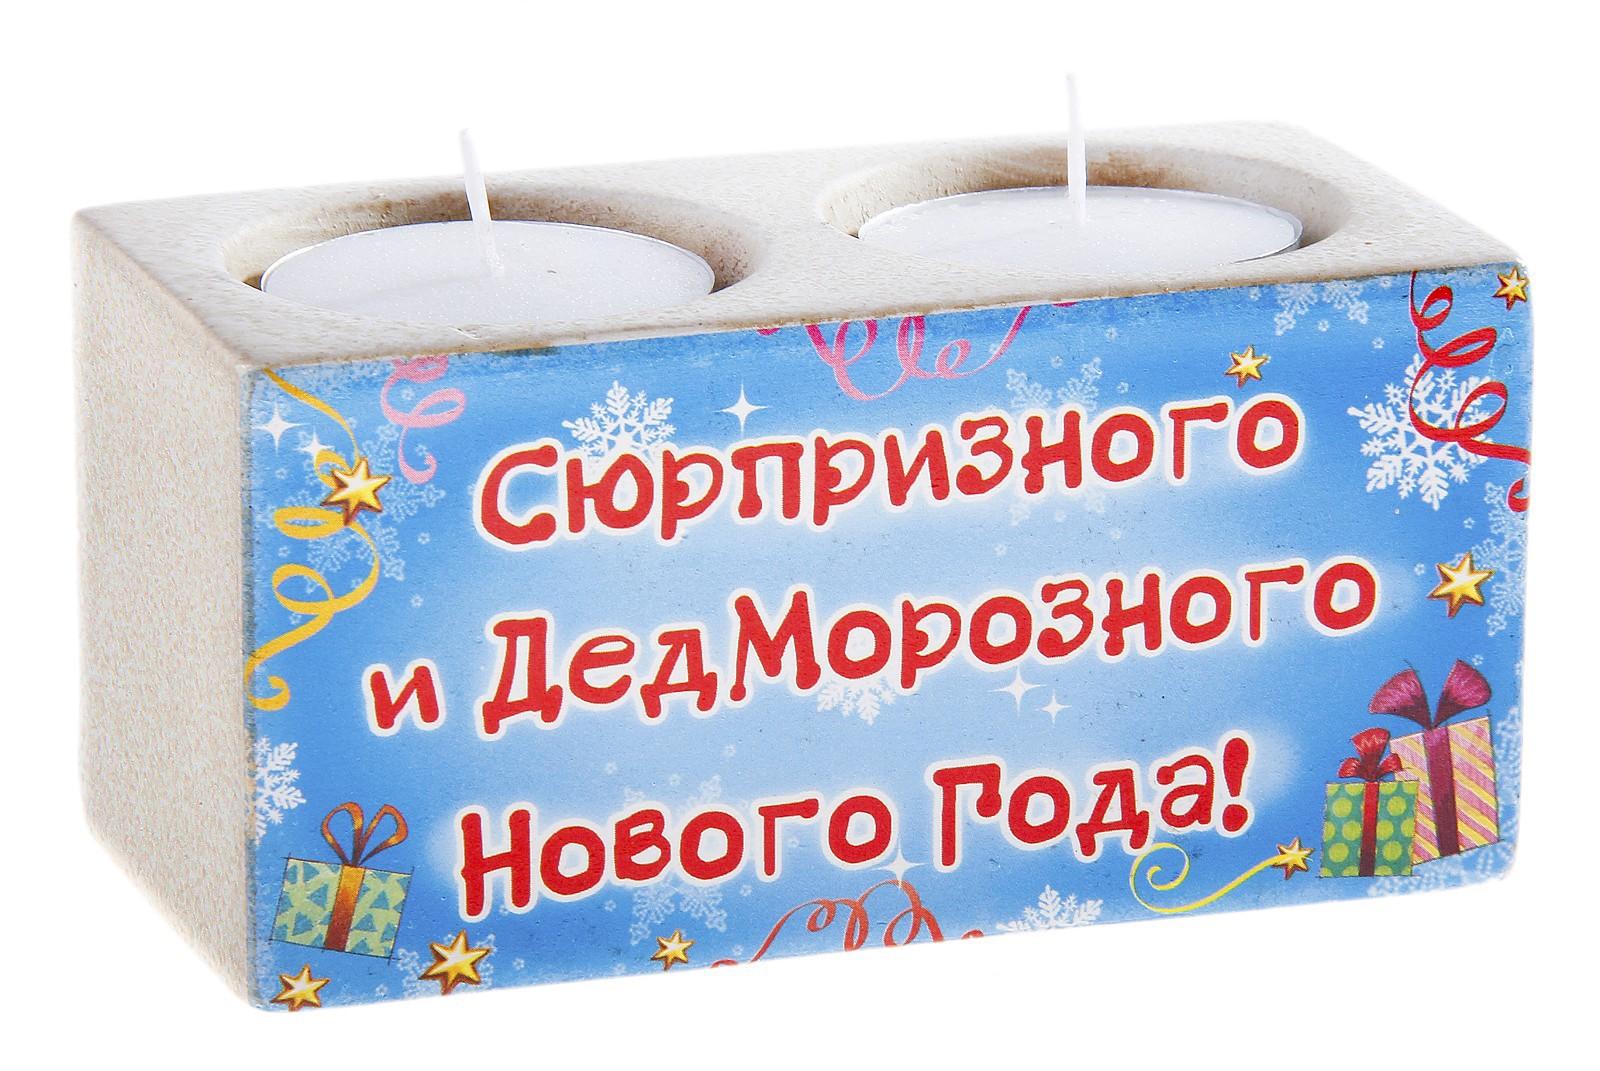 Подсвечник керамический на две свечи Сюрпризного нового года, с двумя свечами. 686646 подсвечник керамический на две свечи сюрпризного нового года с двумя свечами 686646